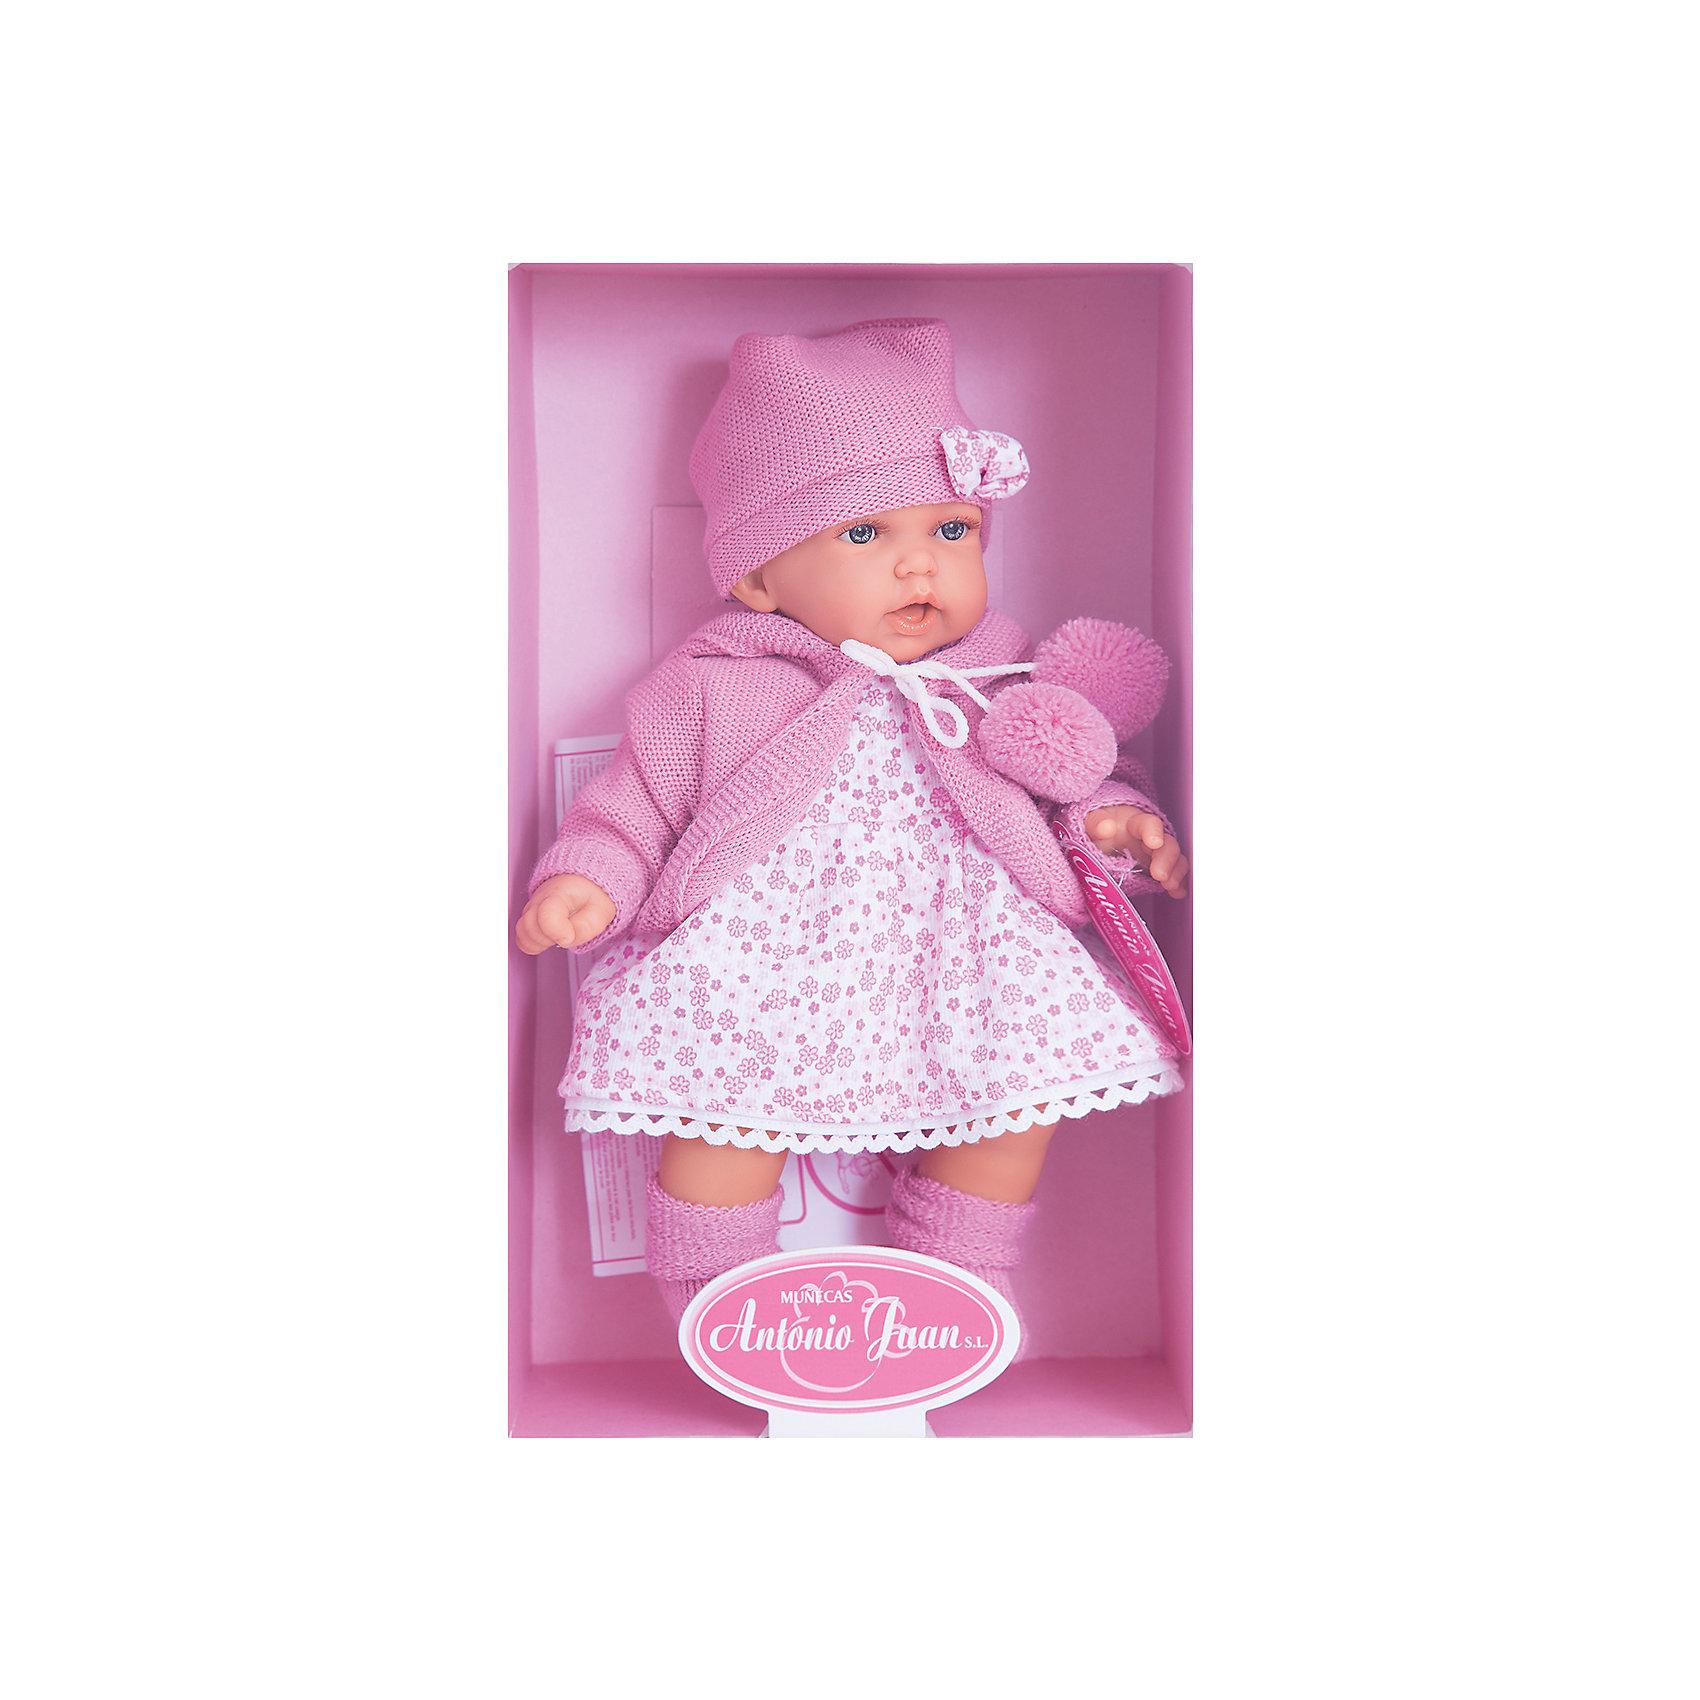 Кукла Азалия в ярко-розовом, 27 см, Munecas Antonio JuanКлассические куклы<br>Очаровательная малышка Азалия, Munecas Antonio Juan (Мунекас Антонио Хуан), покорит не только детей но даже их родителей. Куколка выглядит как настоящая маленькая девочка, а ее трогательный внешний вид вызывает только самые положительные и добрые эмоции. Все куклы Антонио Мунекас производятся в Испании в маленьком городе Аликанте и отличаются высоким качеством и потрясающим сходством с настоящими младенцами. В коллекции представлены куклы разных возрастов, как новорожденных так и детей постарше. Все детали тщательно проработаны, пропорции идентичны строению маленького ребенка. В создании кукол и одежды для них принимали участие известные европейские дизайнеры, поэтому каждая куколка имеет свой неповторимый индивидуальный образ и чудесный модный наряд, сшитый вручную.<br><br>У куклы Азалии милое детское личико и мягкие темные волосы, за которыми приятно ухаживать и расчесывать. Искусно выполненные детали, такие как складочки на ручках и ножках, пушистые реснички, пухлые щечки и губки, придают игрушке трогательный и реалистичный вид. Туловище куклы мягконабивное и маленькая хозяйка будет с удовольствием обнимать и тискать ее. Если нажать кукле на животик один раз - она засмеется, второй раз - скажет мама, третий раз - скажет папа. У Азалии подвижные ручки и ножки, изготовленные из высококачественного эластичного винила, глазки не закрываются. Куколка одета в симпатичное платьице с цветочным рисунком, теплую ярко-розовую кофточку с помпонами и шапочку с бантиком, на ножках теплые розовые пинетки. Эта чудесная милая куколка станет любимицей Вашей девочки и будет воспитывать в ней доброту, внимание и заботу.<br><br><br>Дополнительная информация:<br><br>- Материал: текстиль, винил.<br>- Требуются батарейки: 3 х АА 1,5V (входят в комплект).<br>- Высота куклы: 27 см.<br>- Размер упаковки: 17,5 x 31 x 10 см.<br>- Вес: 0,65 кг.<br><br>Куклу Азалия в ярко-розовом, Munecas Antonio Juan (Мунекас Антони